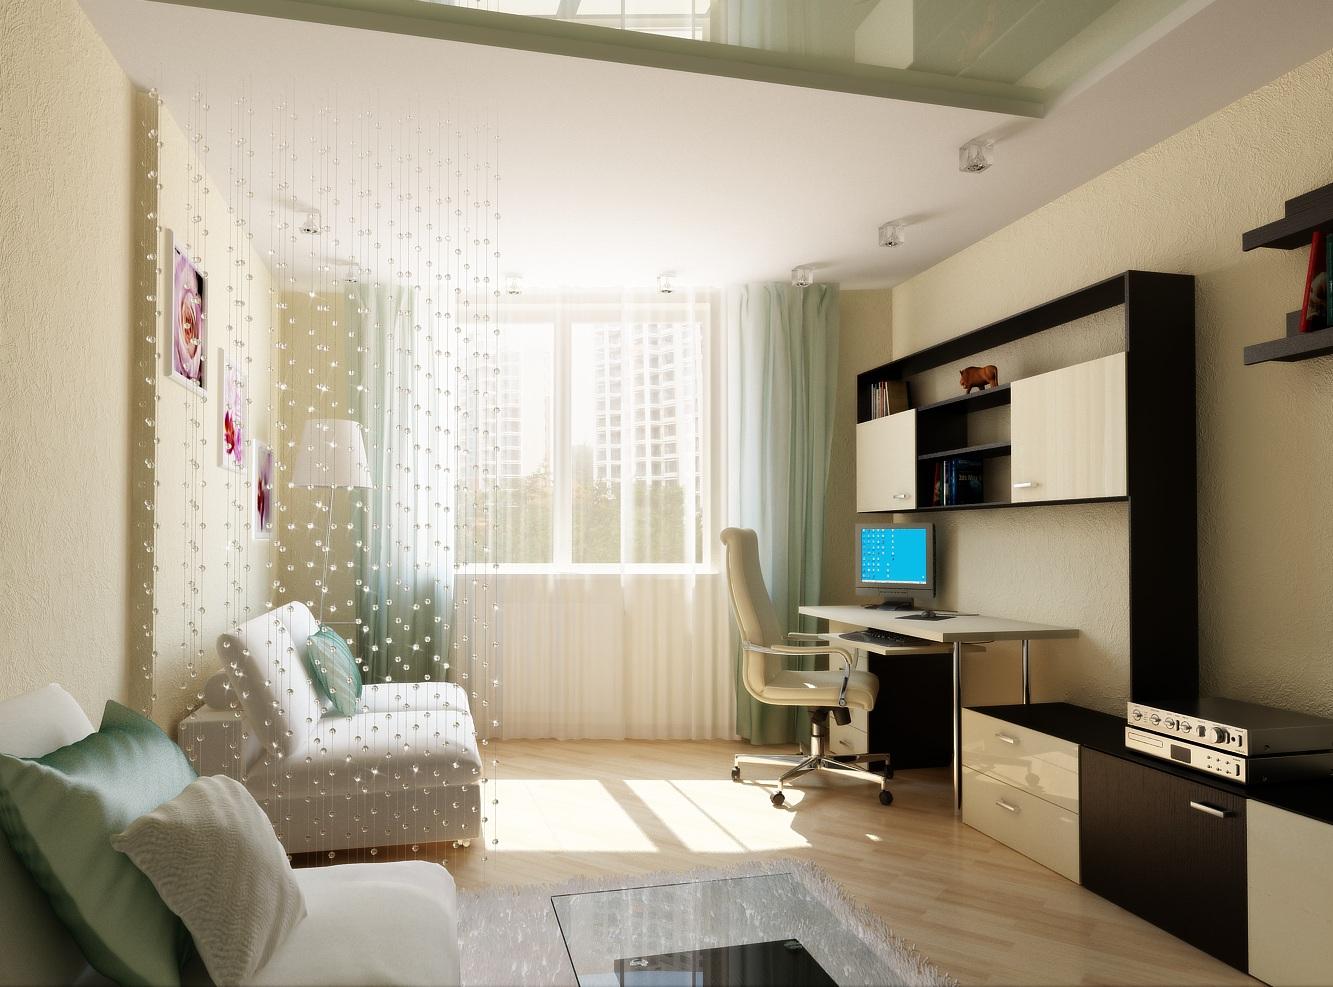 Ремонт однокомнатной квартиры в новостройке фото своими